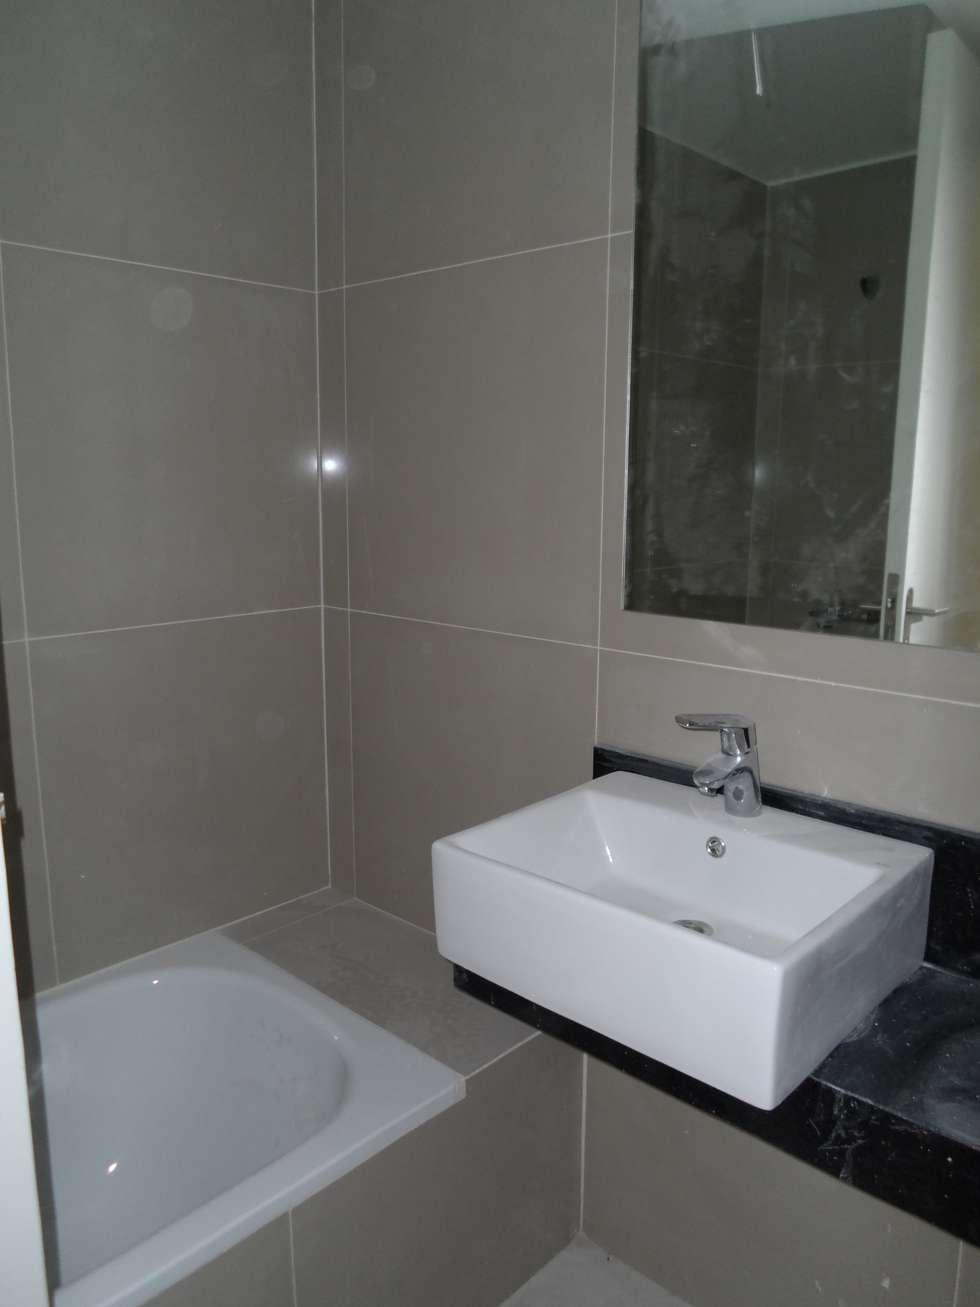 Baño. Mesada y ducha-: Baños de estilo moderno por NG Estudio